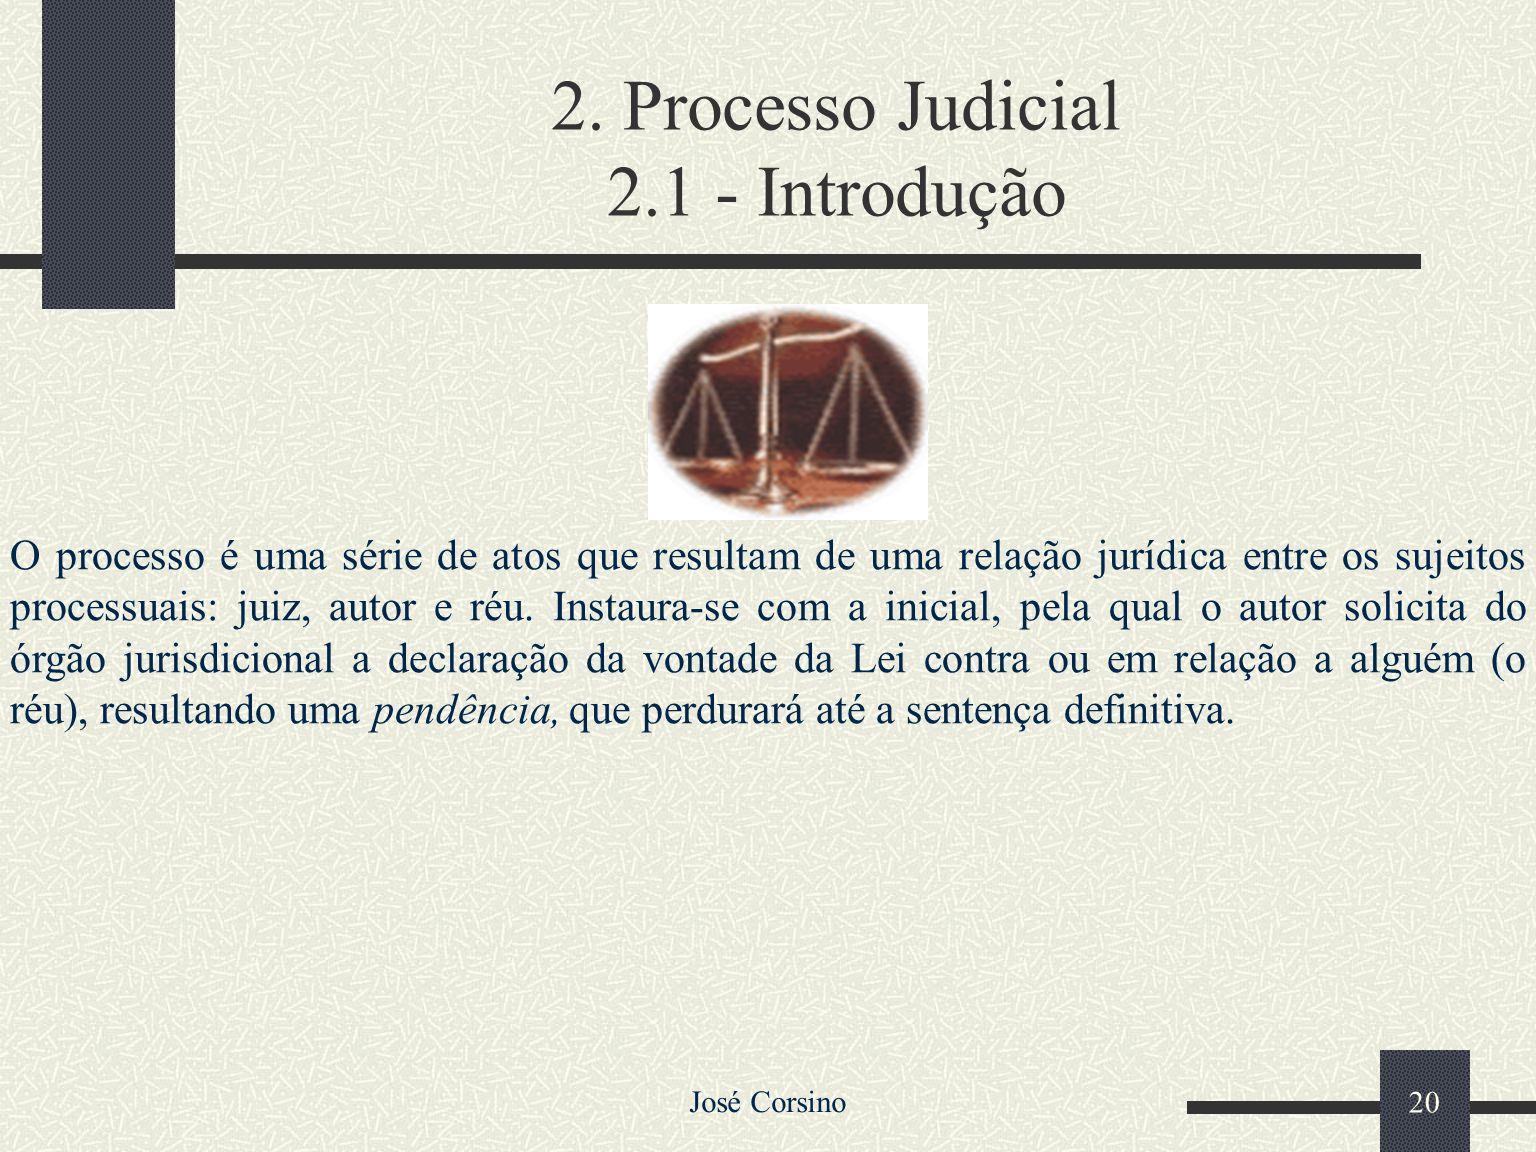 2. Processo Judicial 2.1 - Introdução